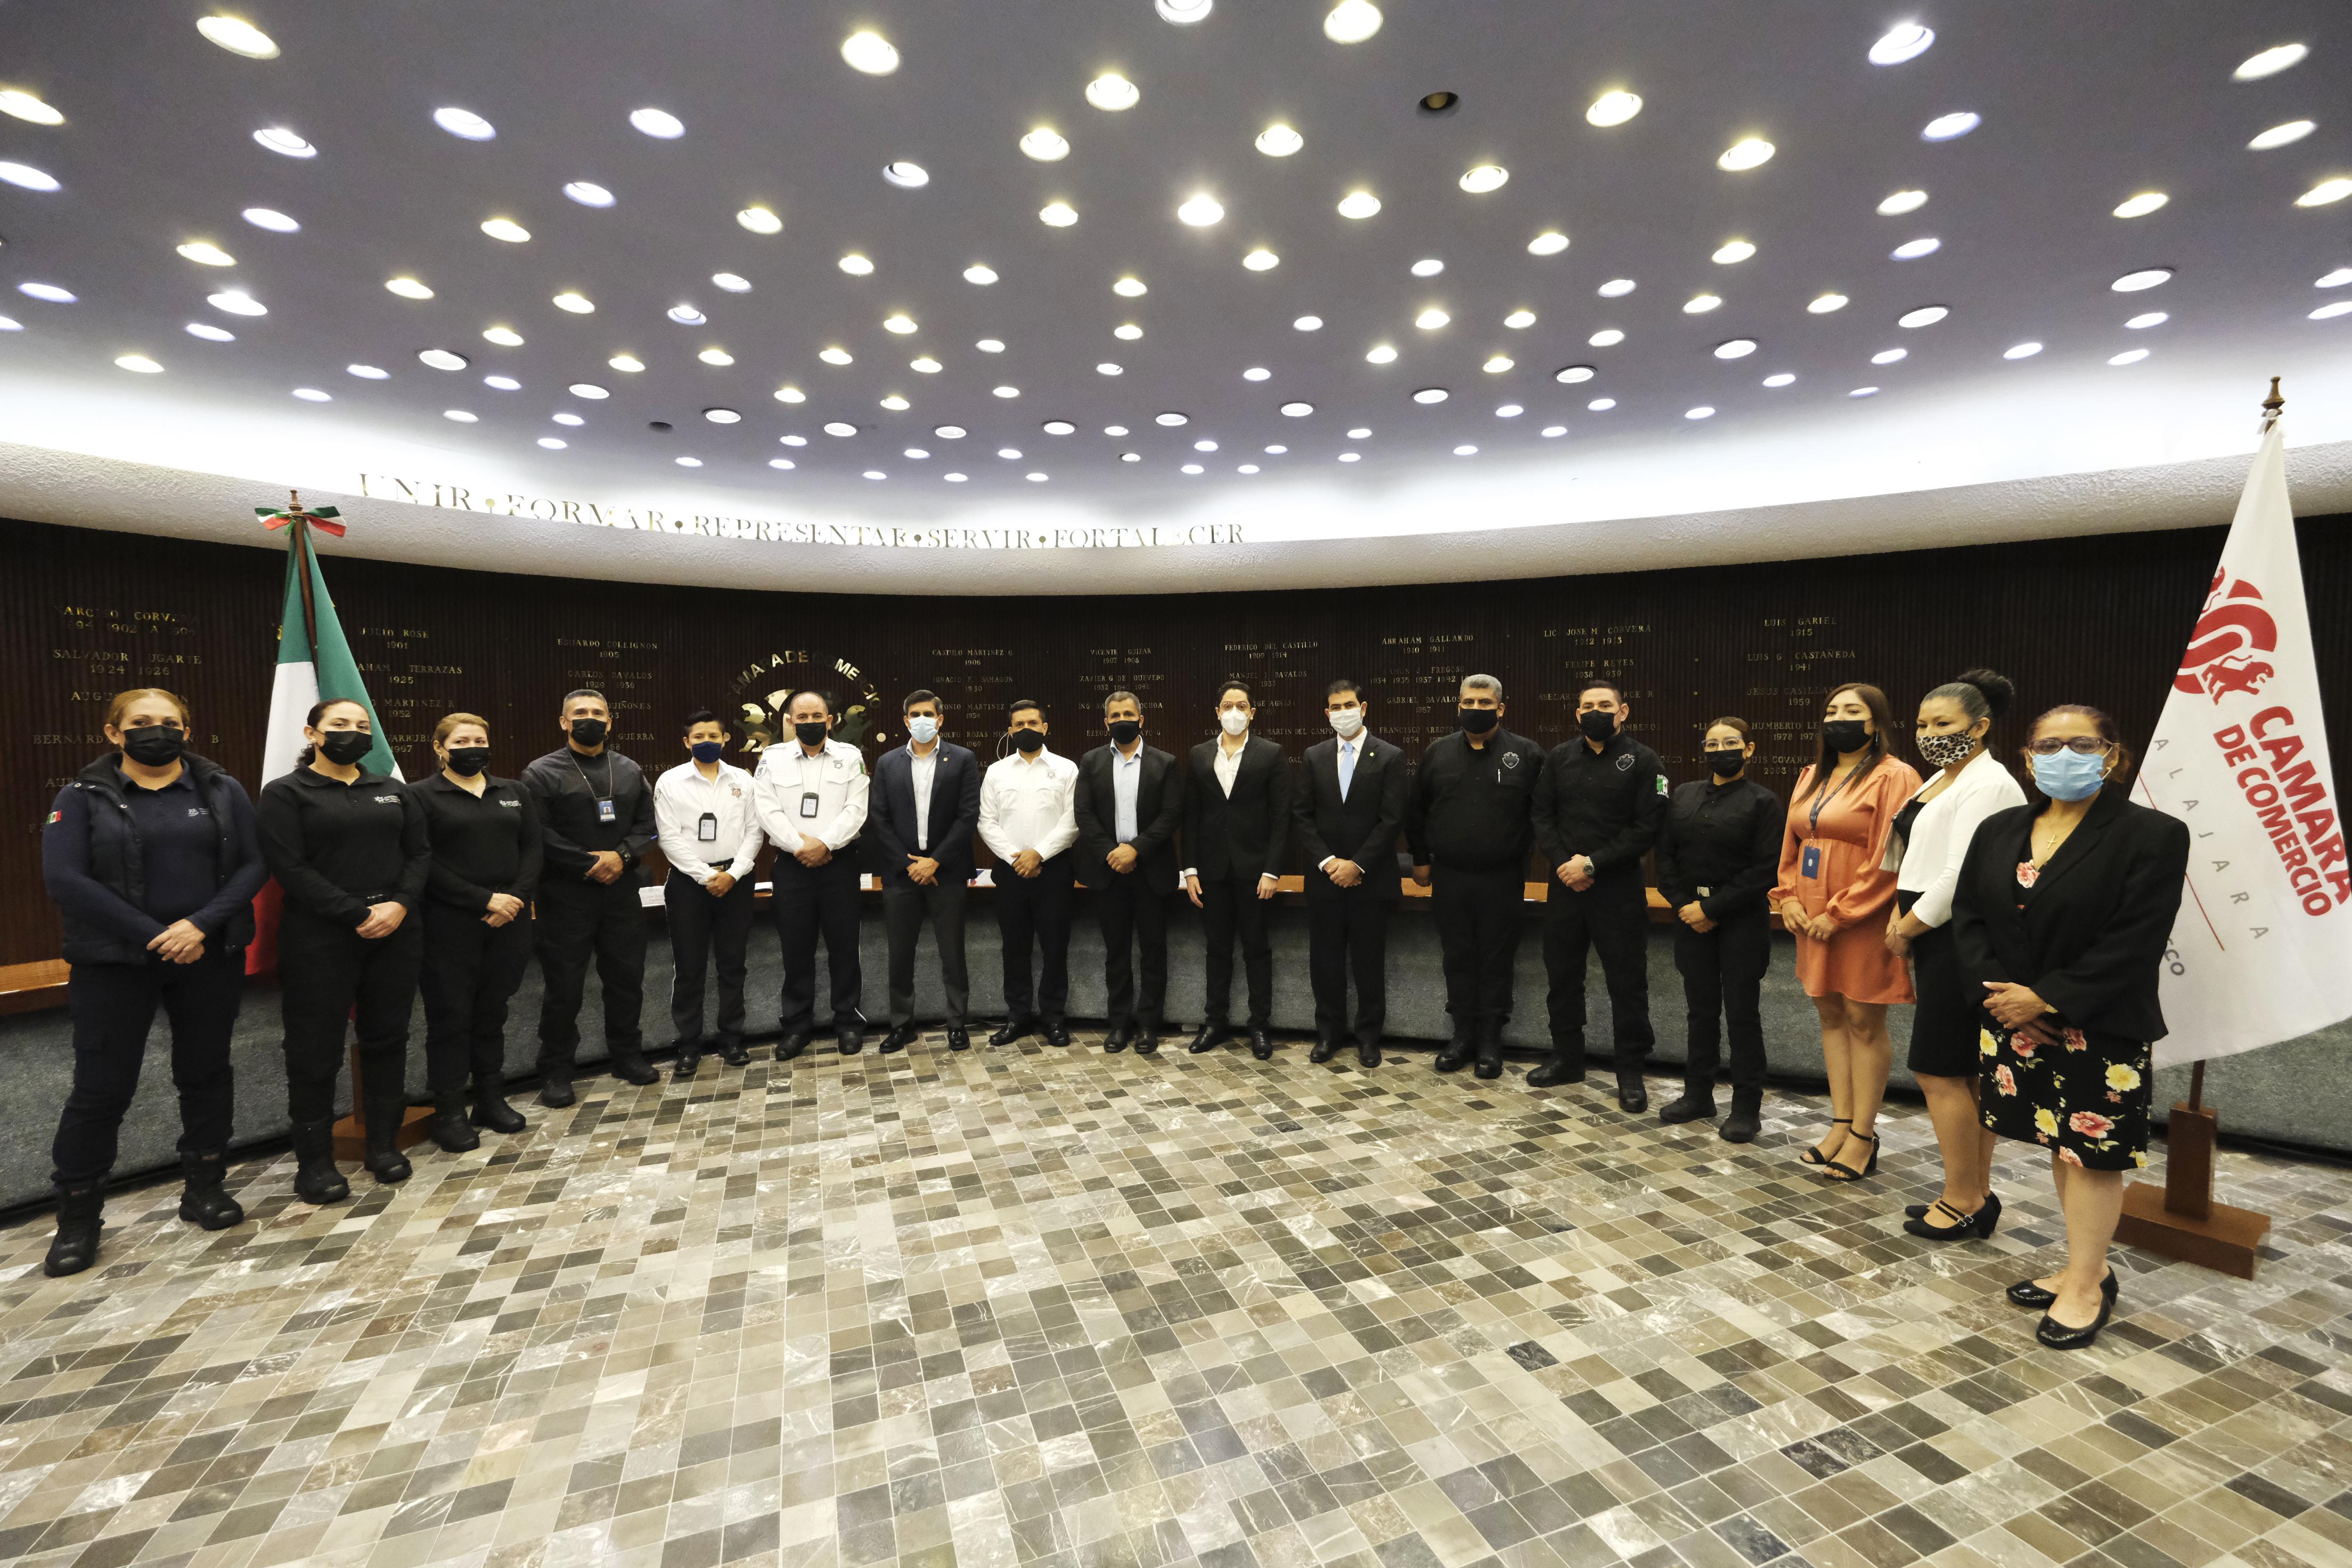 Egresa primera generación de Policías Estatales, Viales y Custodios capacitados por la Cámara de Comercio de Guadalajara